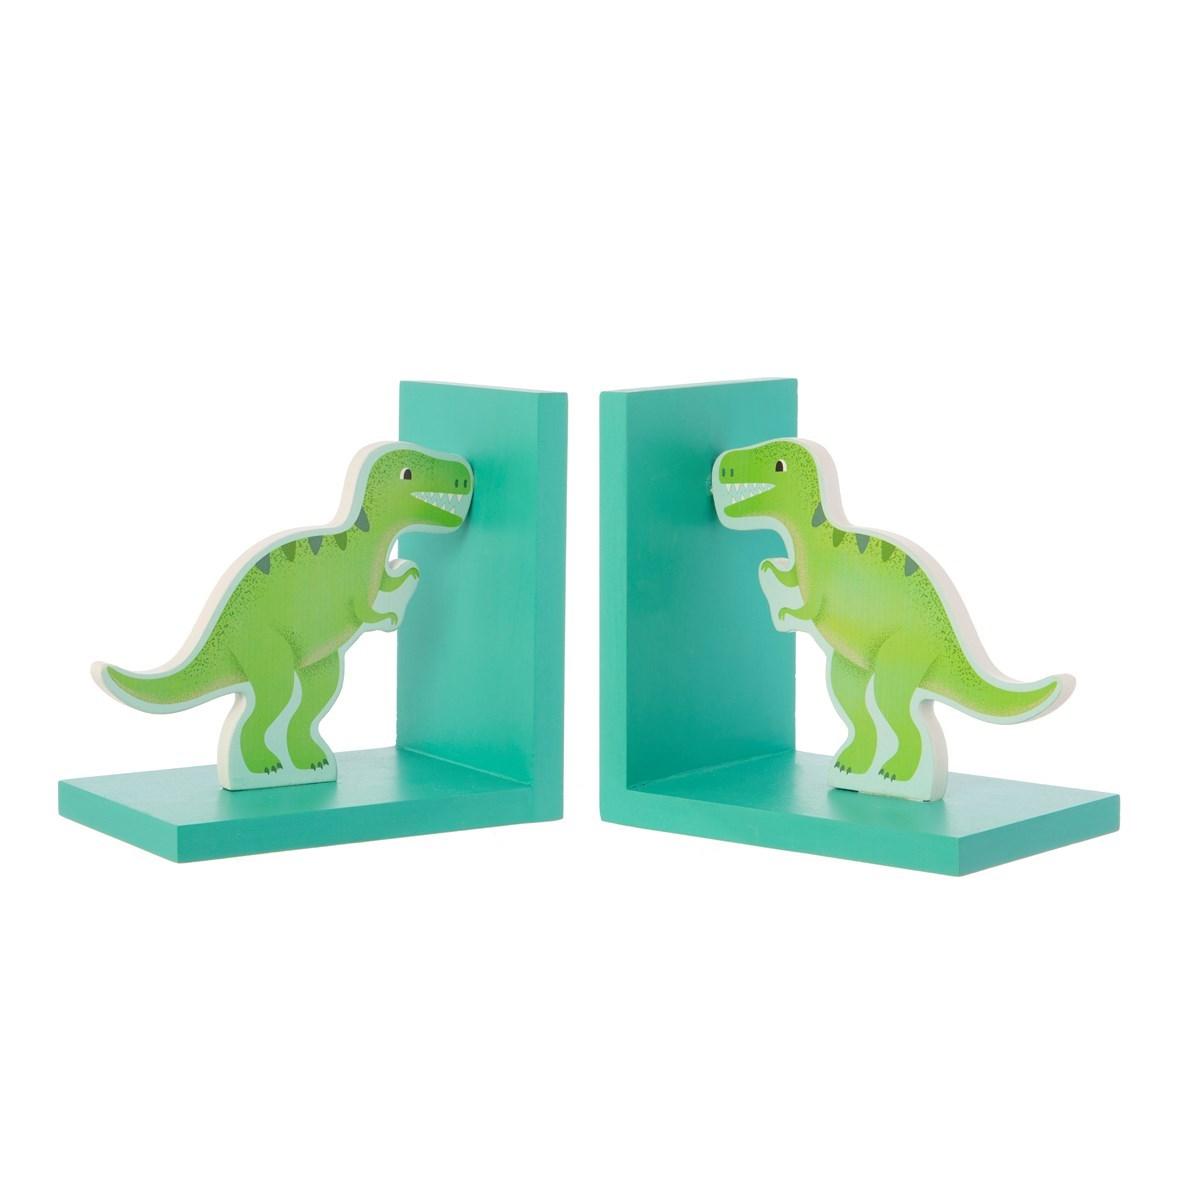 Zarážka pro knížky Roarsome Dinosaurs_0